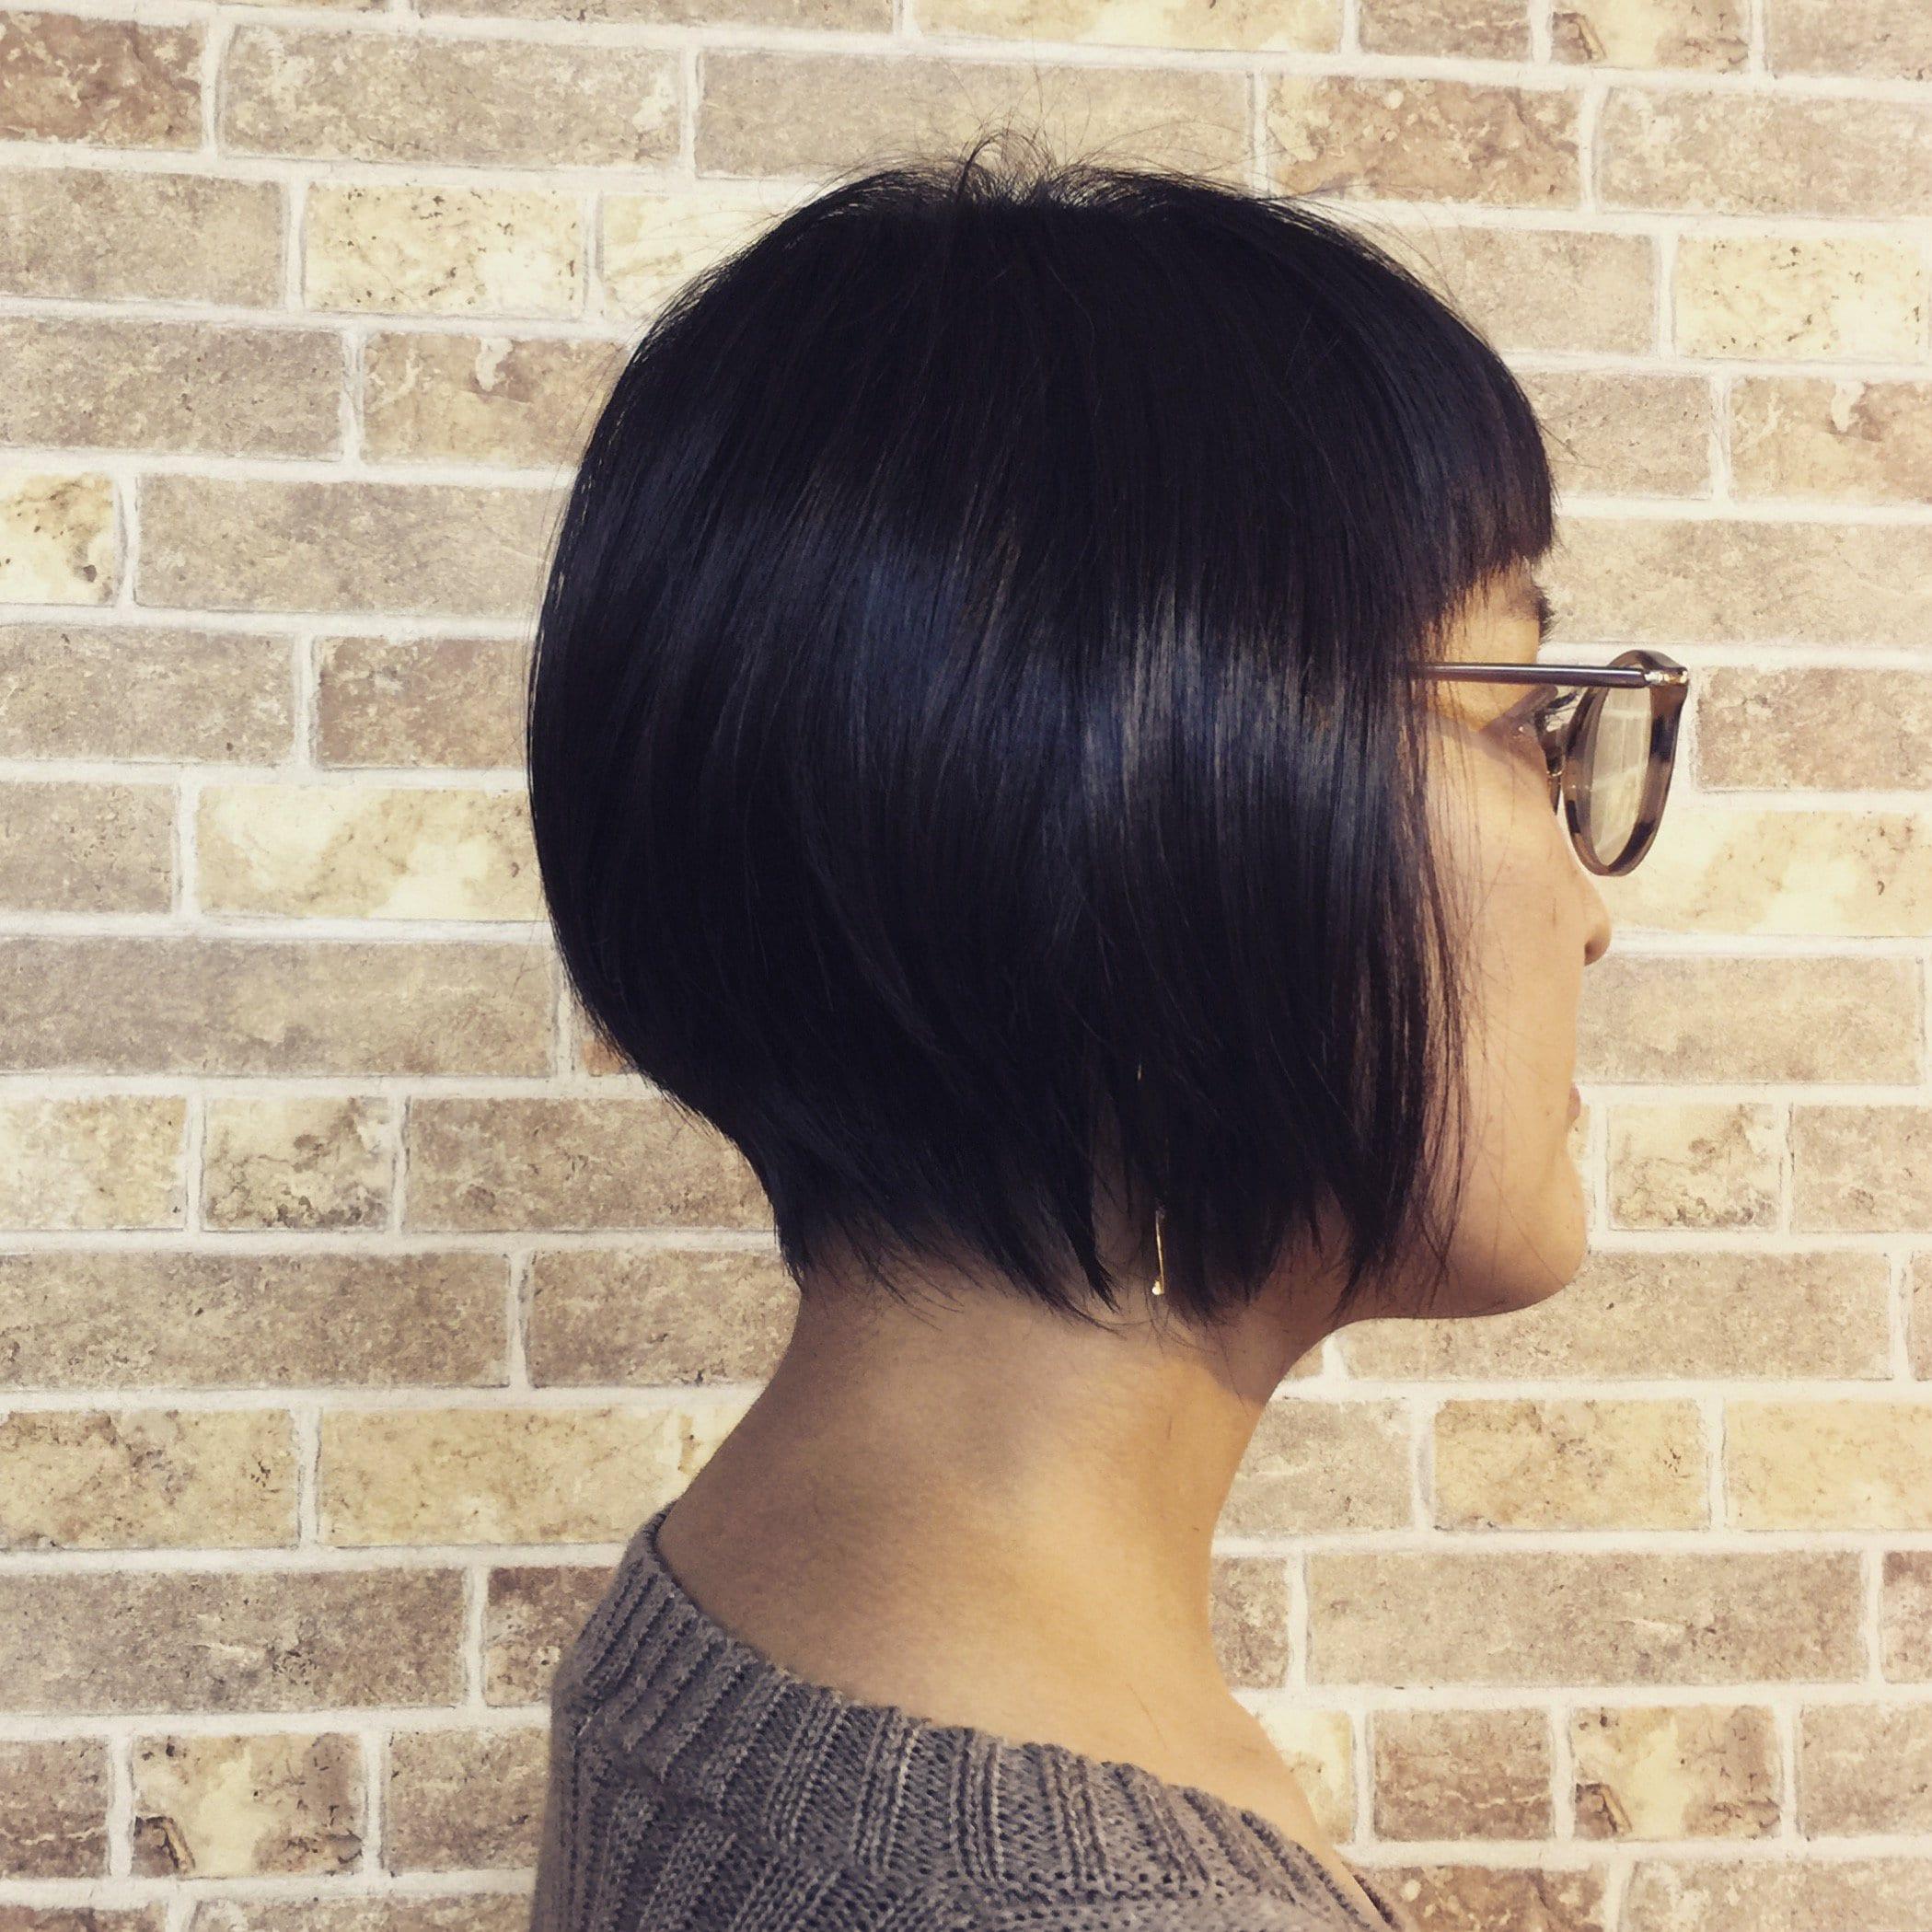 【店頭で支払い】カットチケット✂再現性抜群!あなたの髪質を考慮したお悩み解決カットのイメージその1